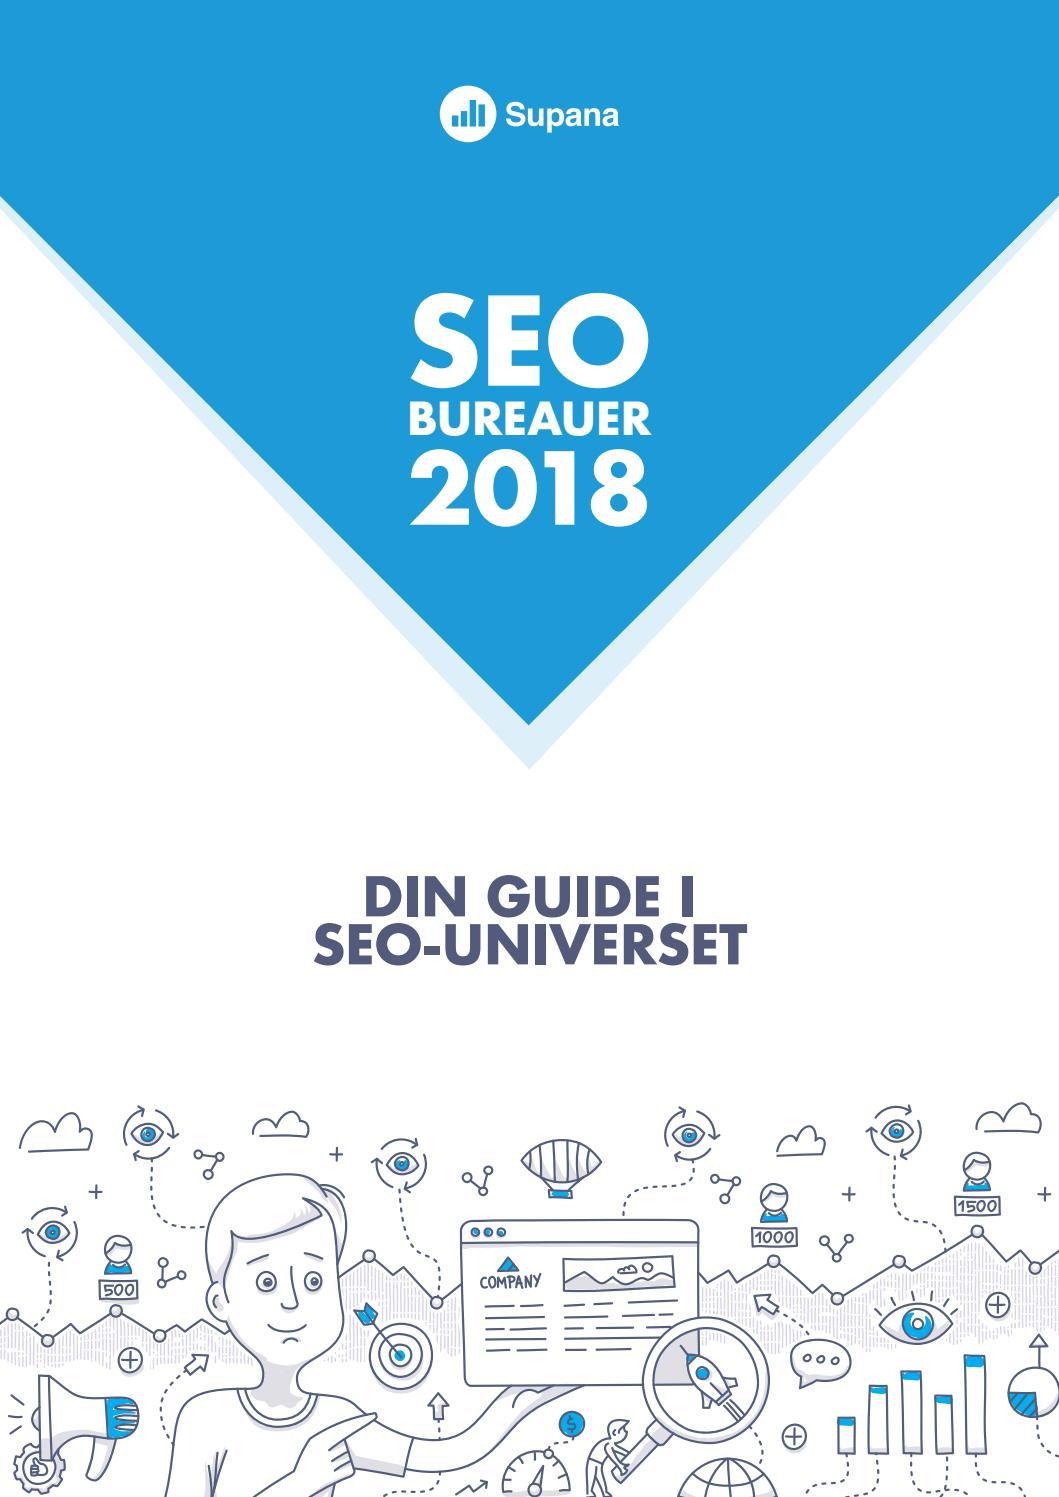 Seo Bureauer 2018 Din Guide I Seo Universet By Supana Issuu